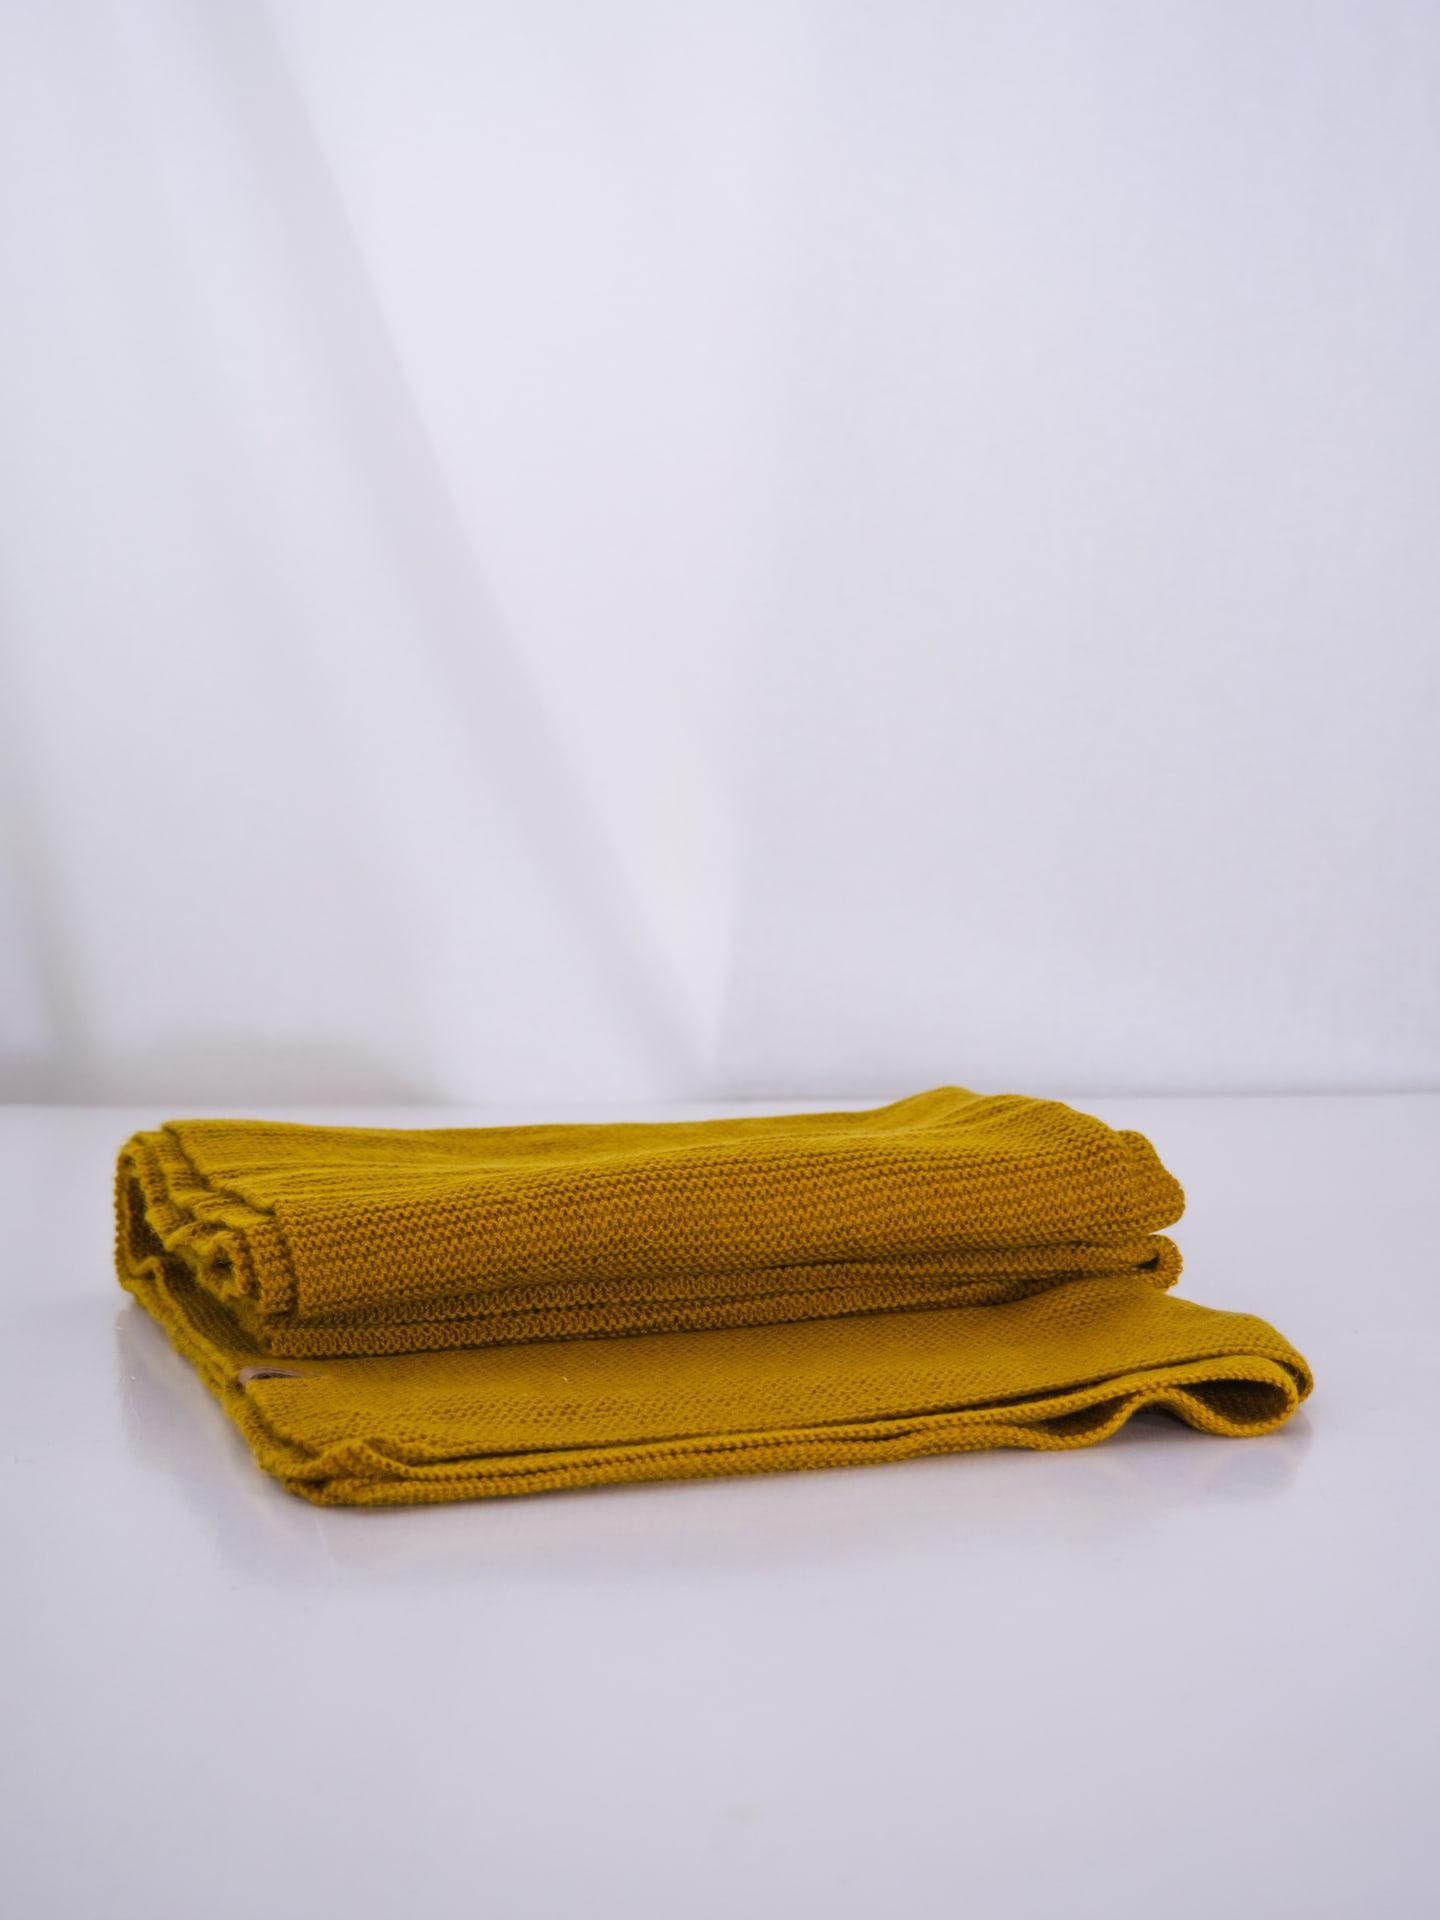 Merino scarf - mustard yellow